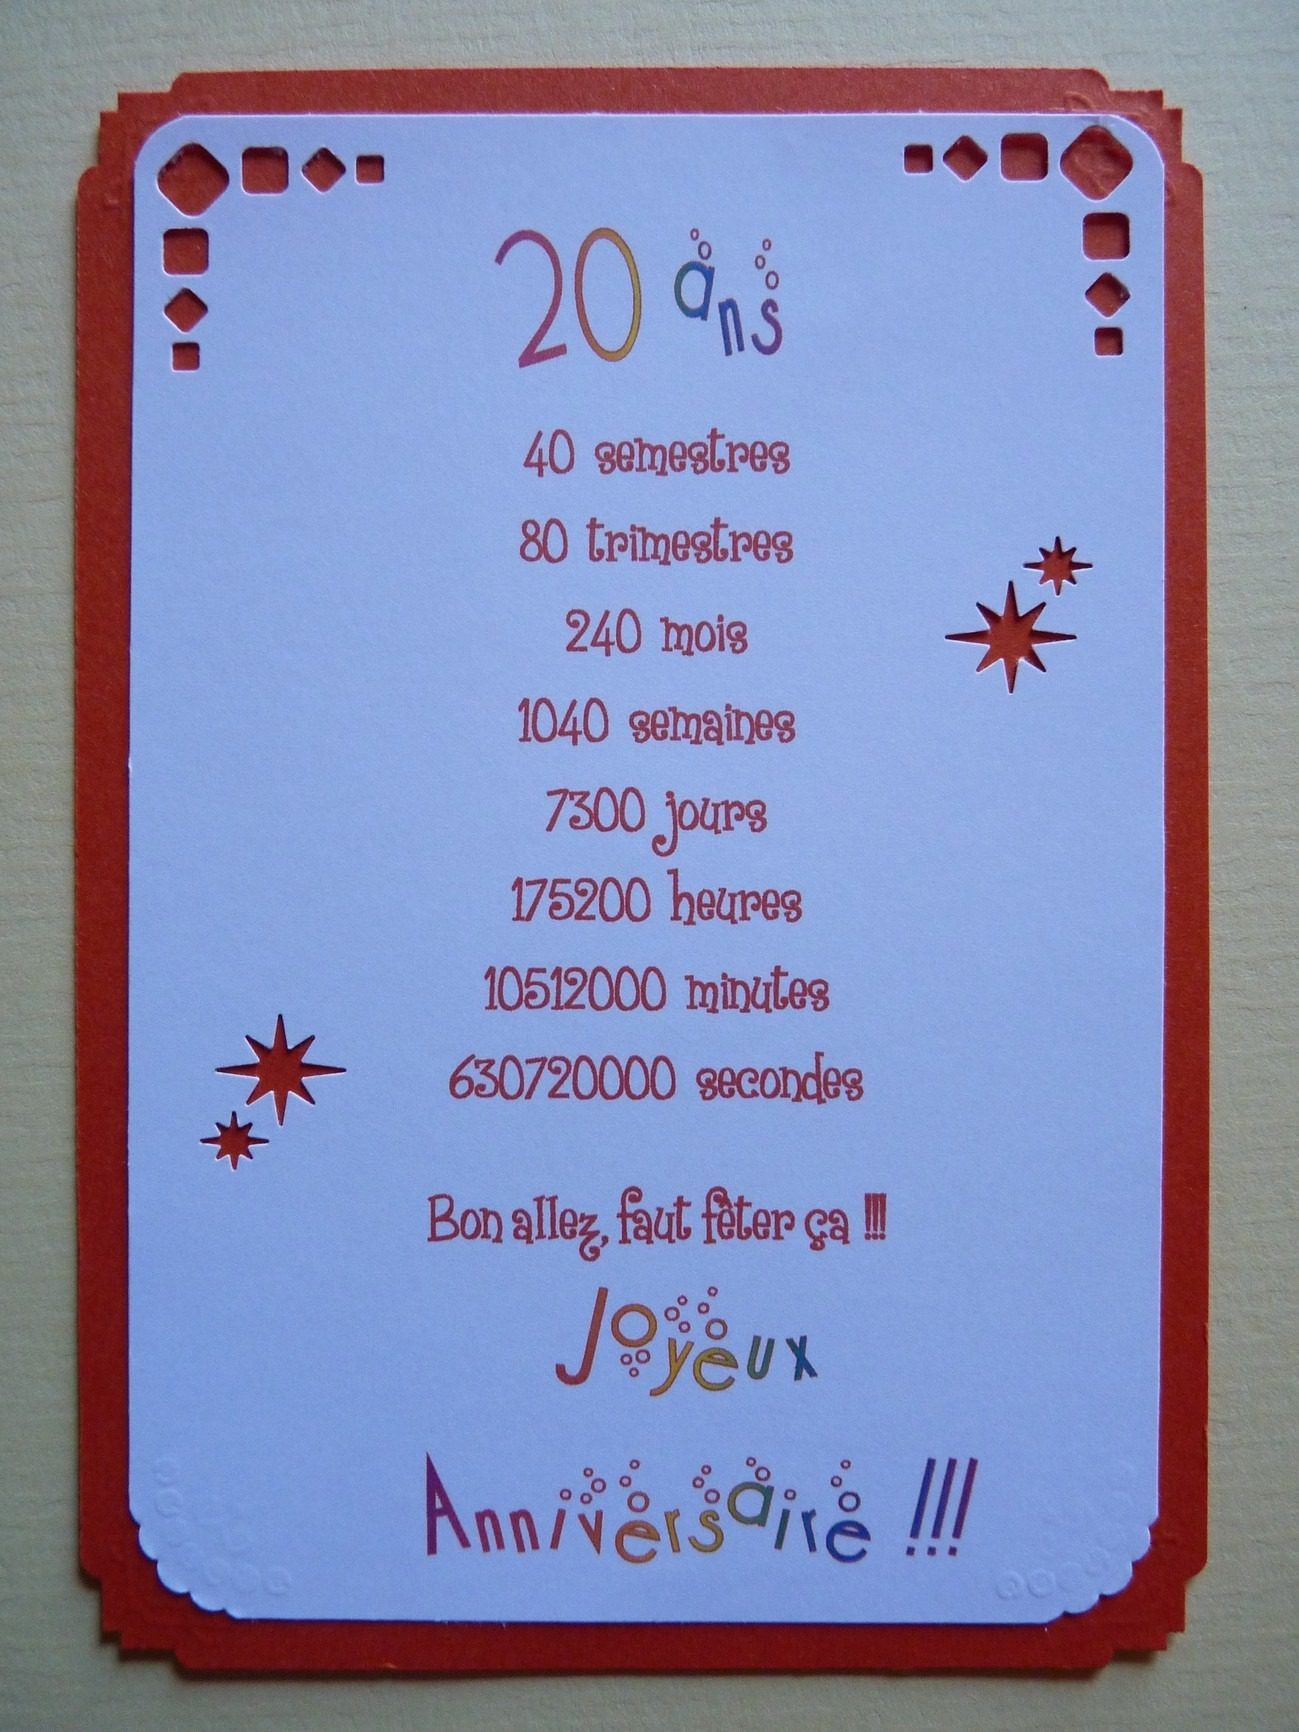 Texte Pour Anniversaire 50 Ans : texte, anniversaire, Texte, D'anniversaire, Humoristique, Unique, Carte, Invitation, Anniversa…, Anniversaire, Anniversaire,